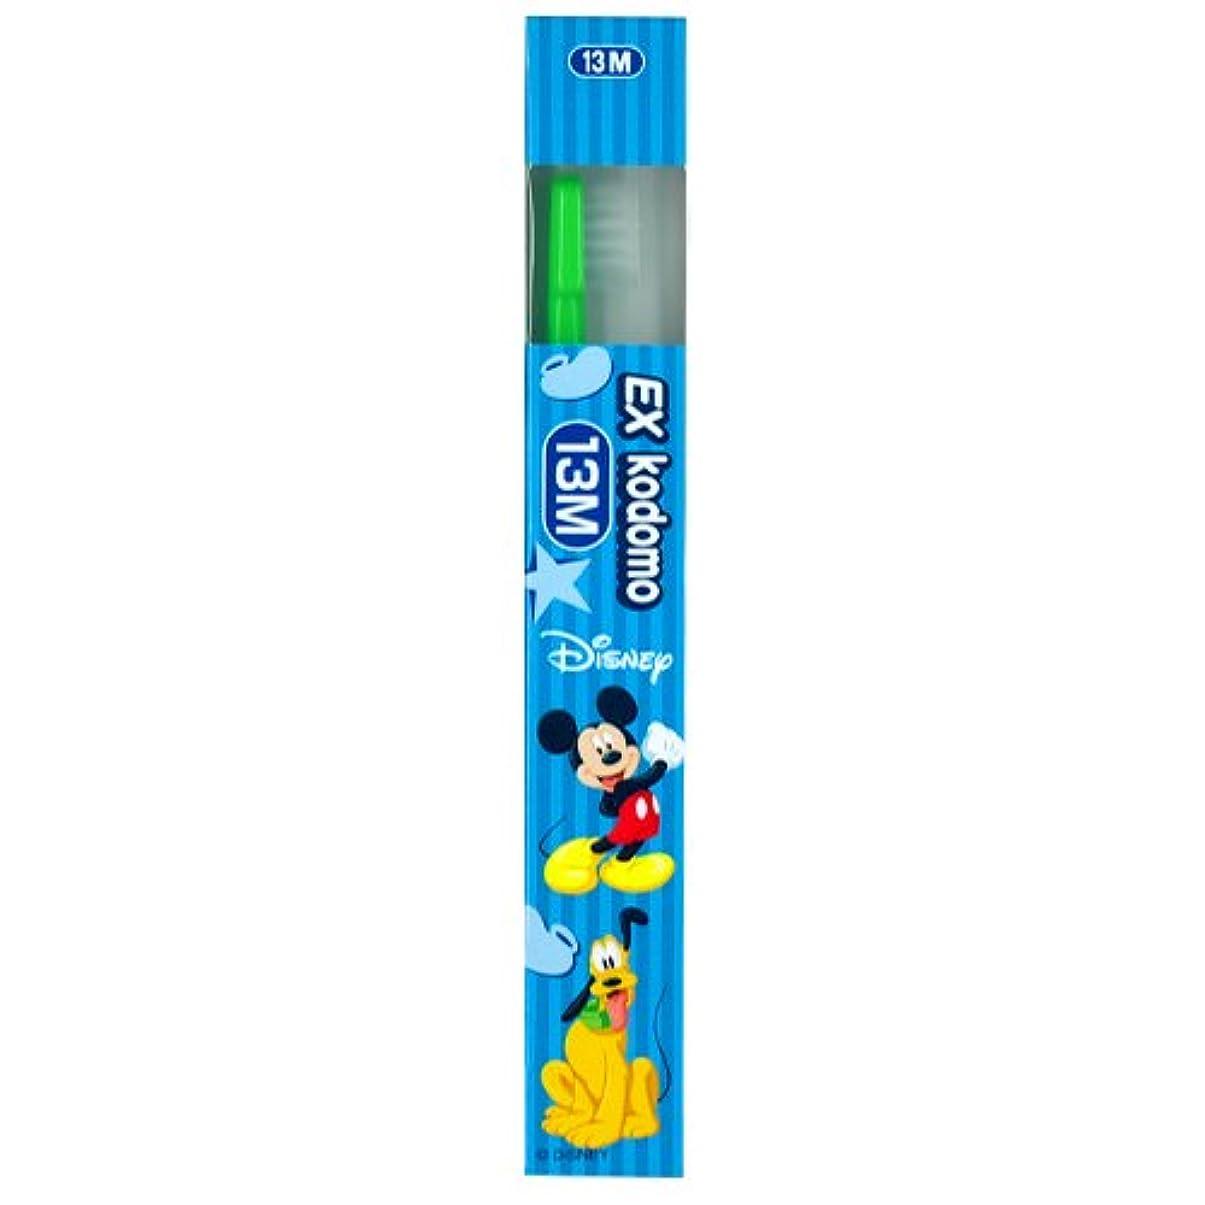 販売計画地球ラックライオン EX kodomo ディズニー 歯ブラシ 1本 13M グリーン